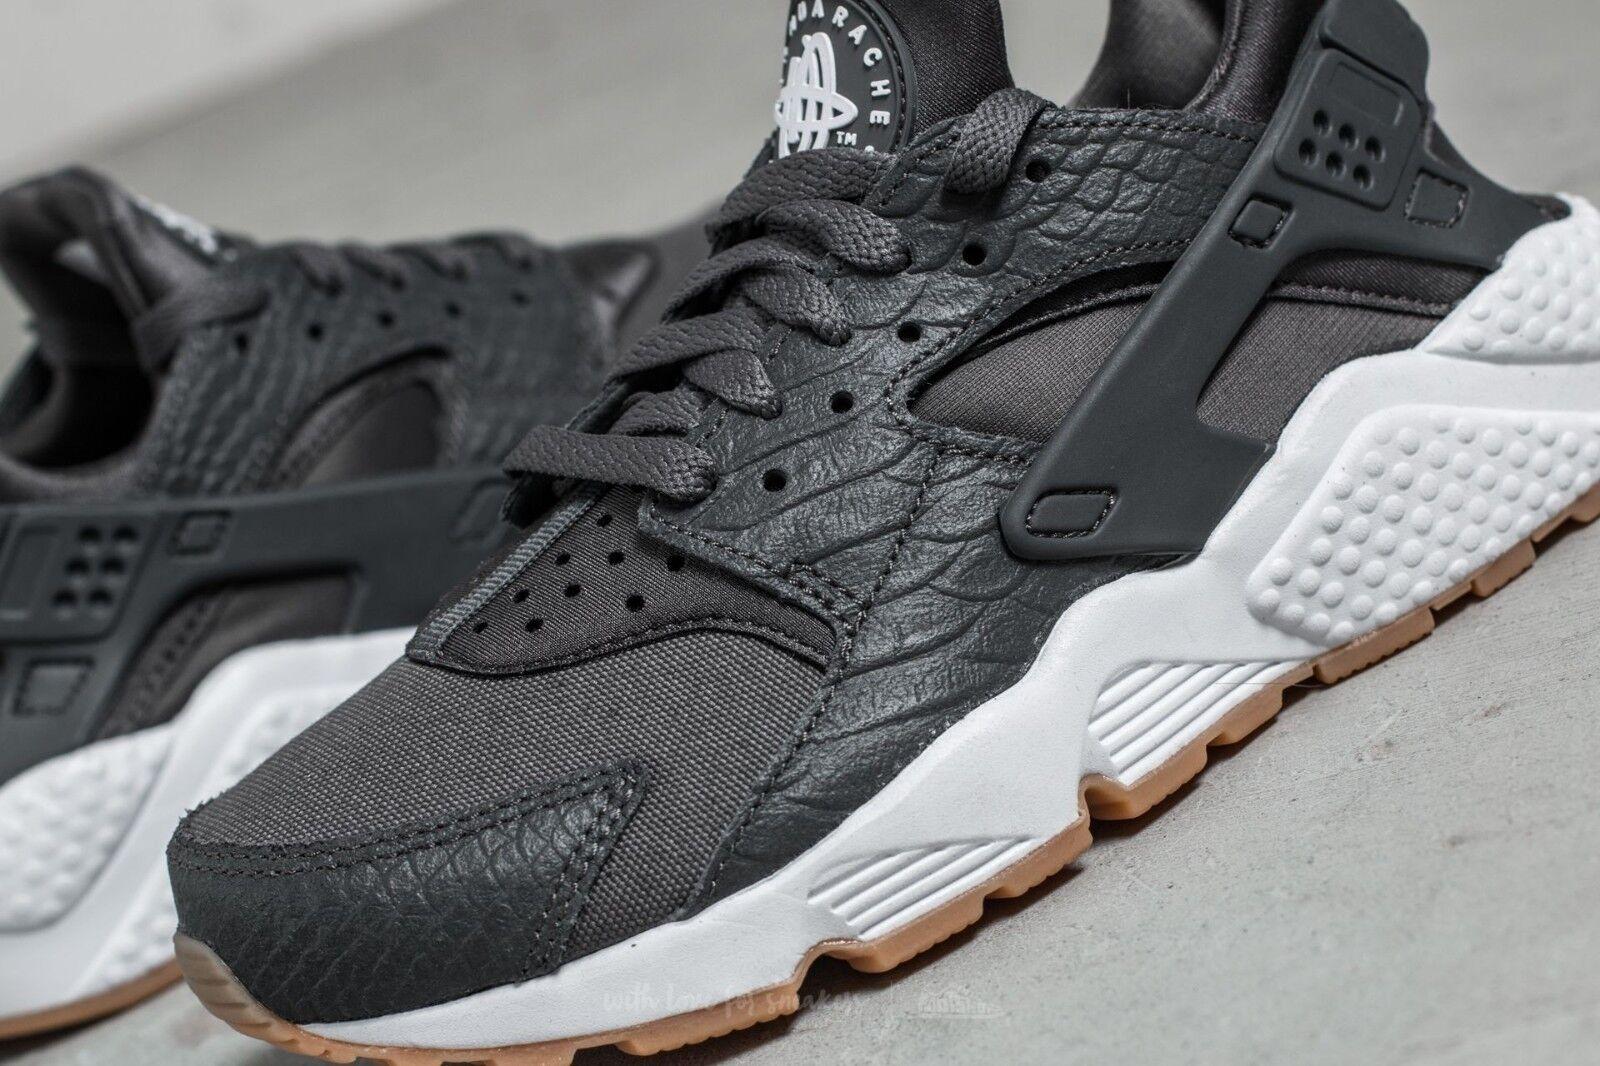 Nike Air Huarache Run se se se para mujer Talla 4.5 EUR 38 (859429 006) gris Oscuro blancoo Gum  ventas directas de fábrica